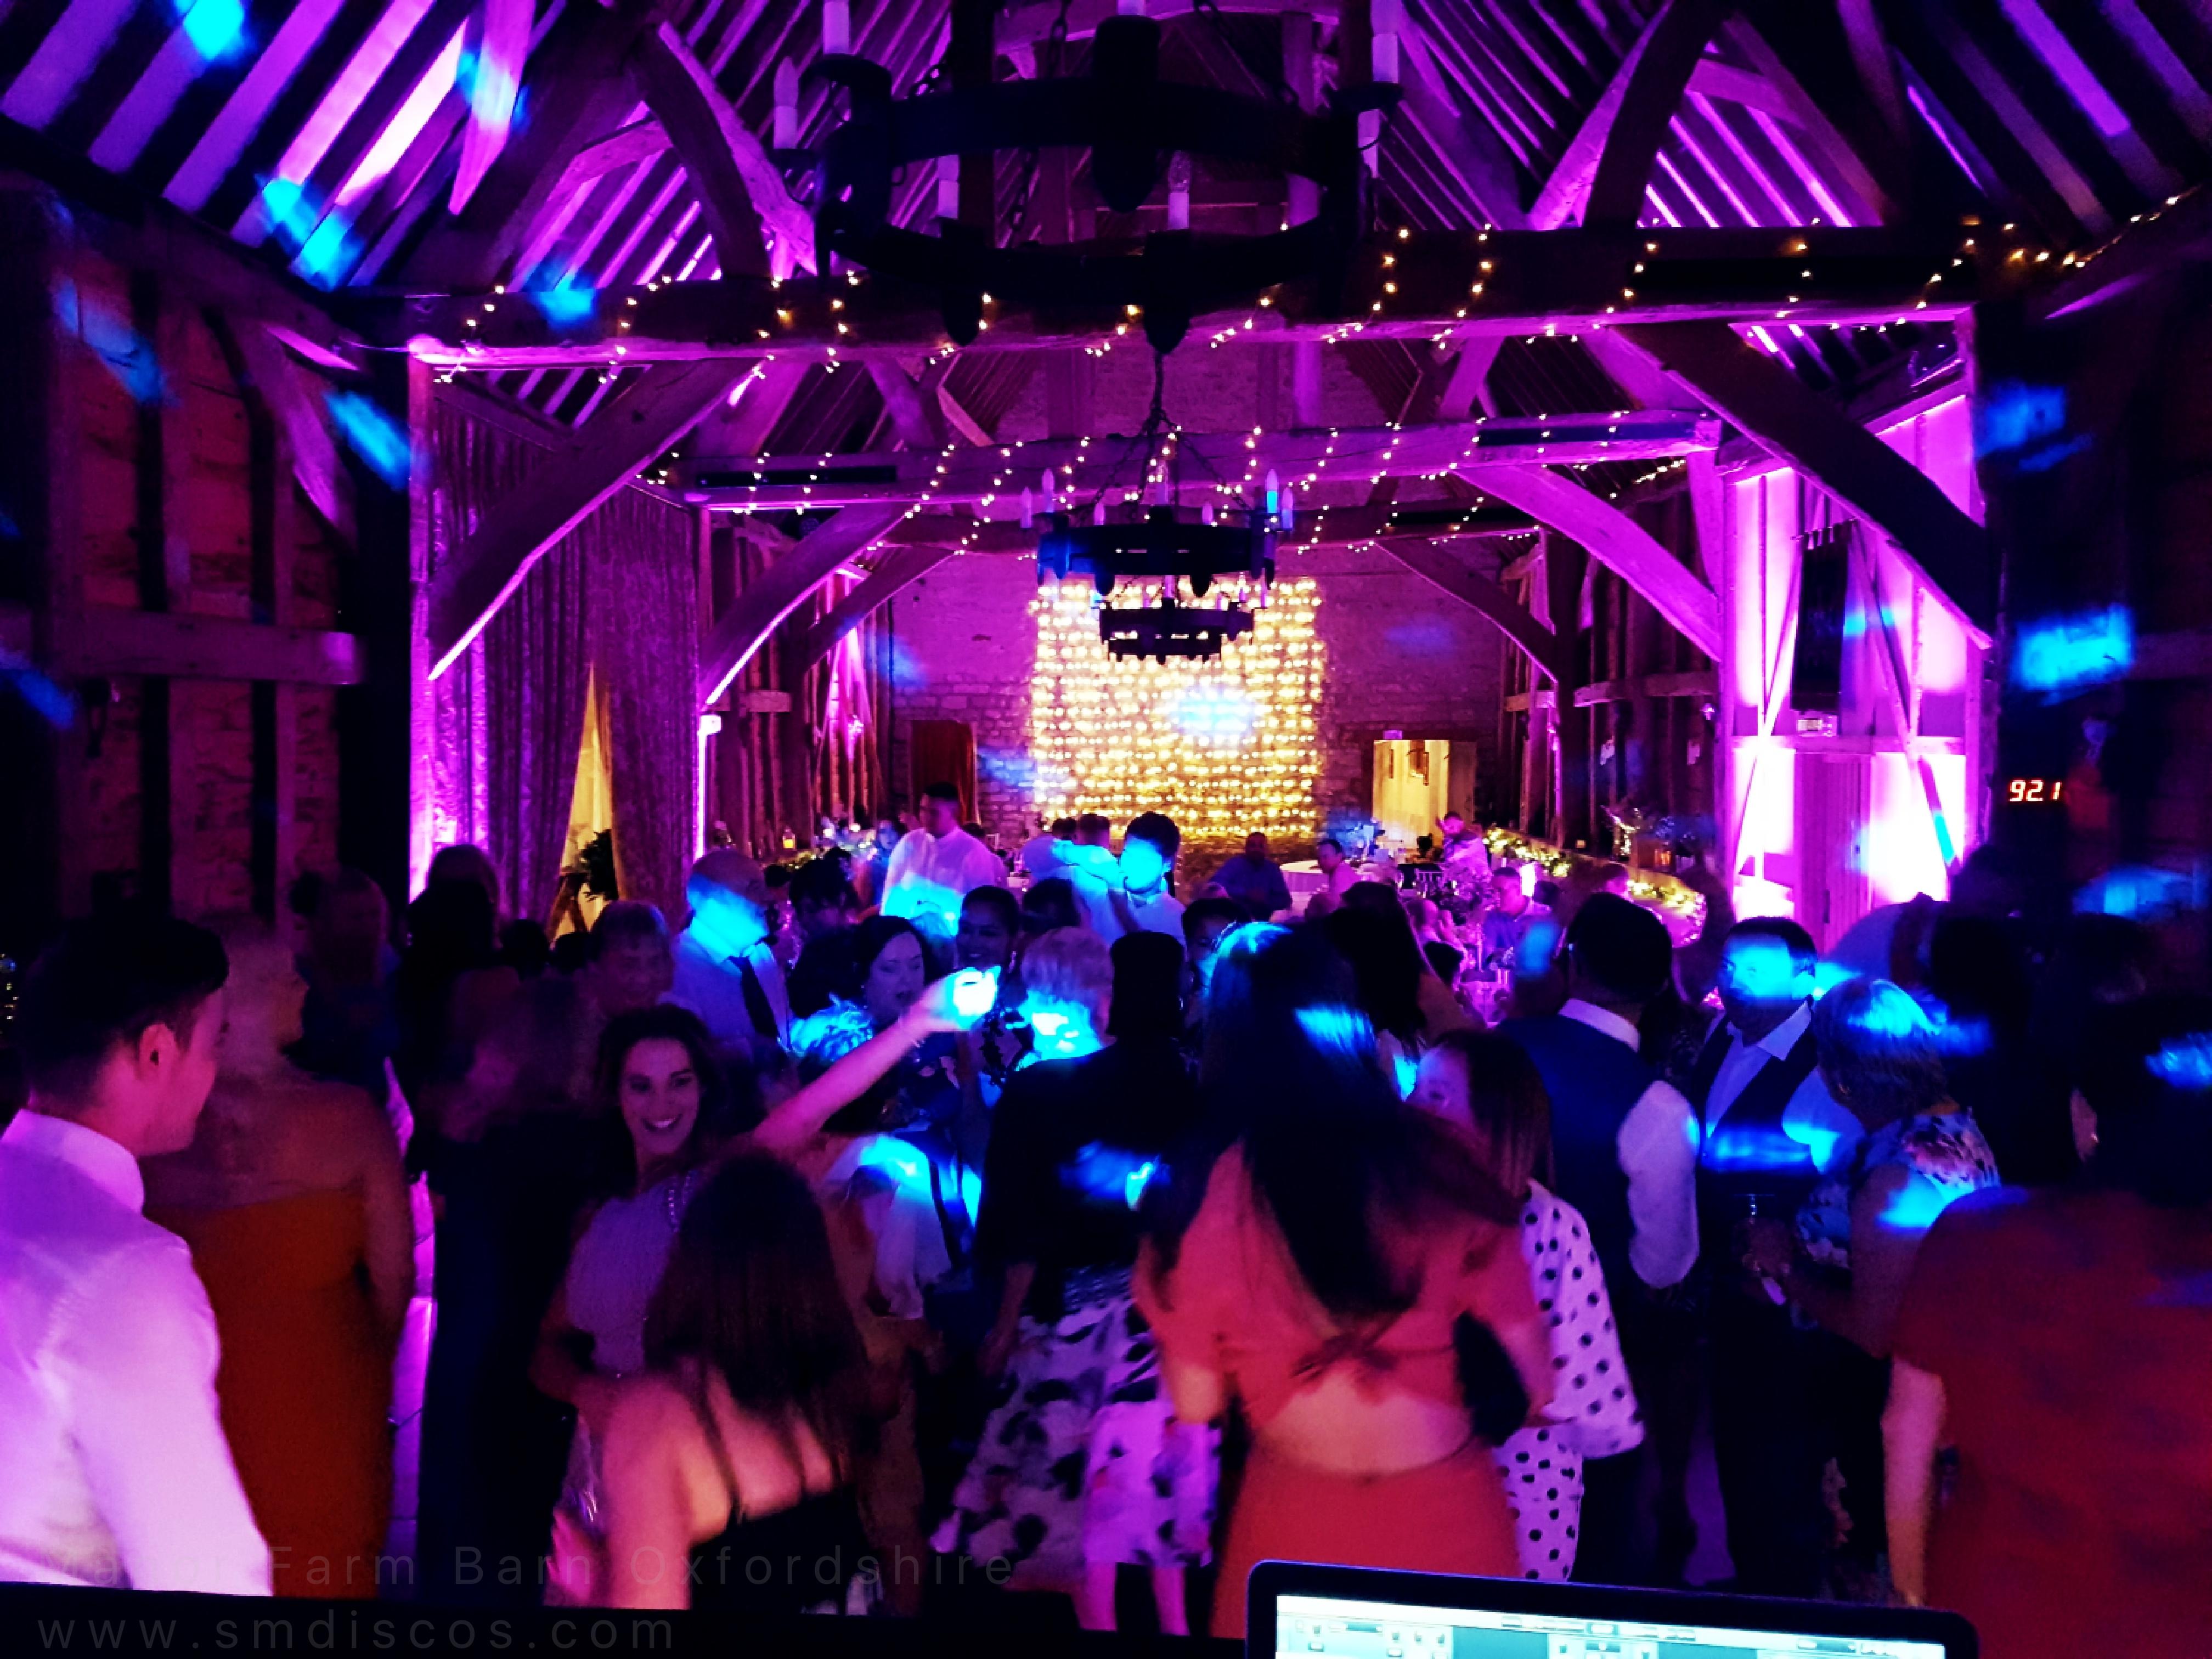 Oxford barn wedding disco